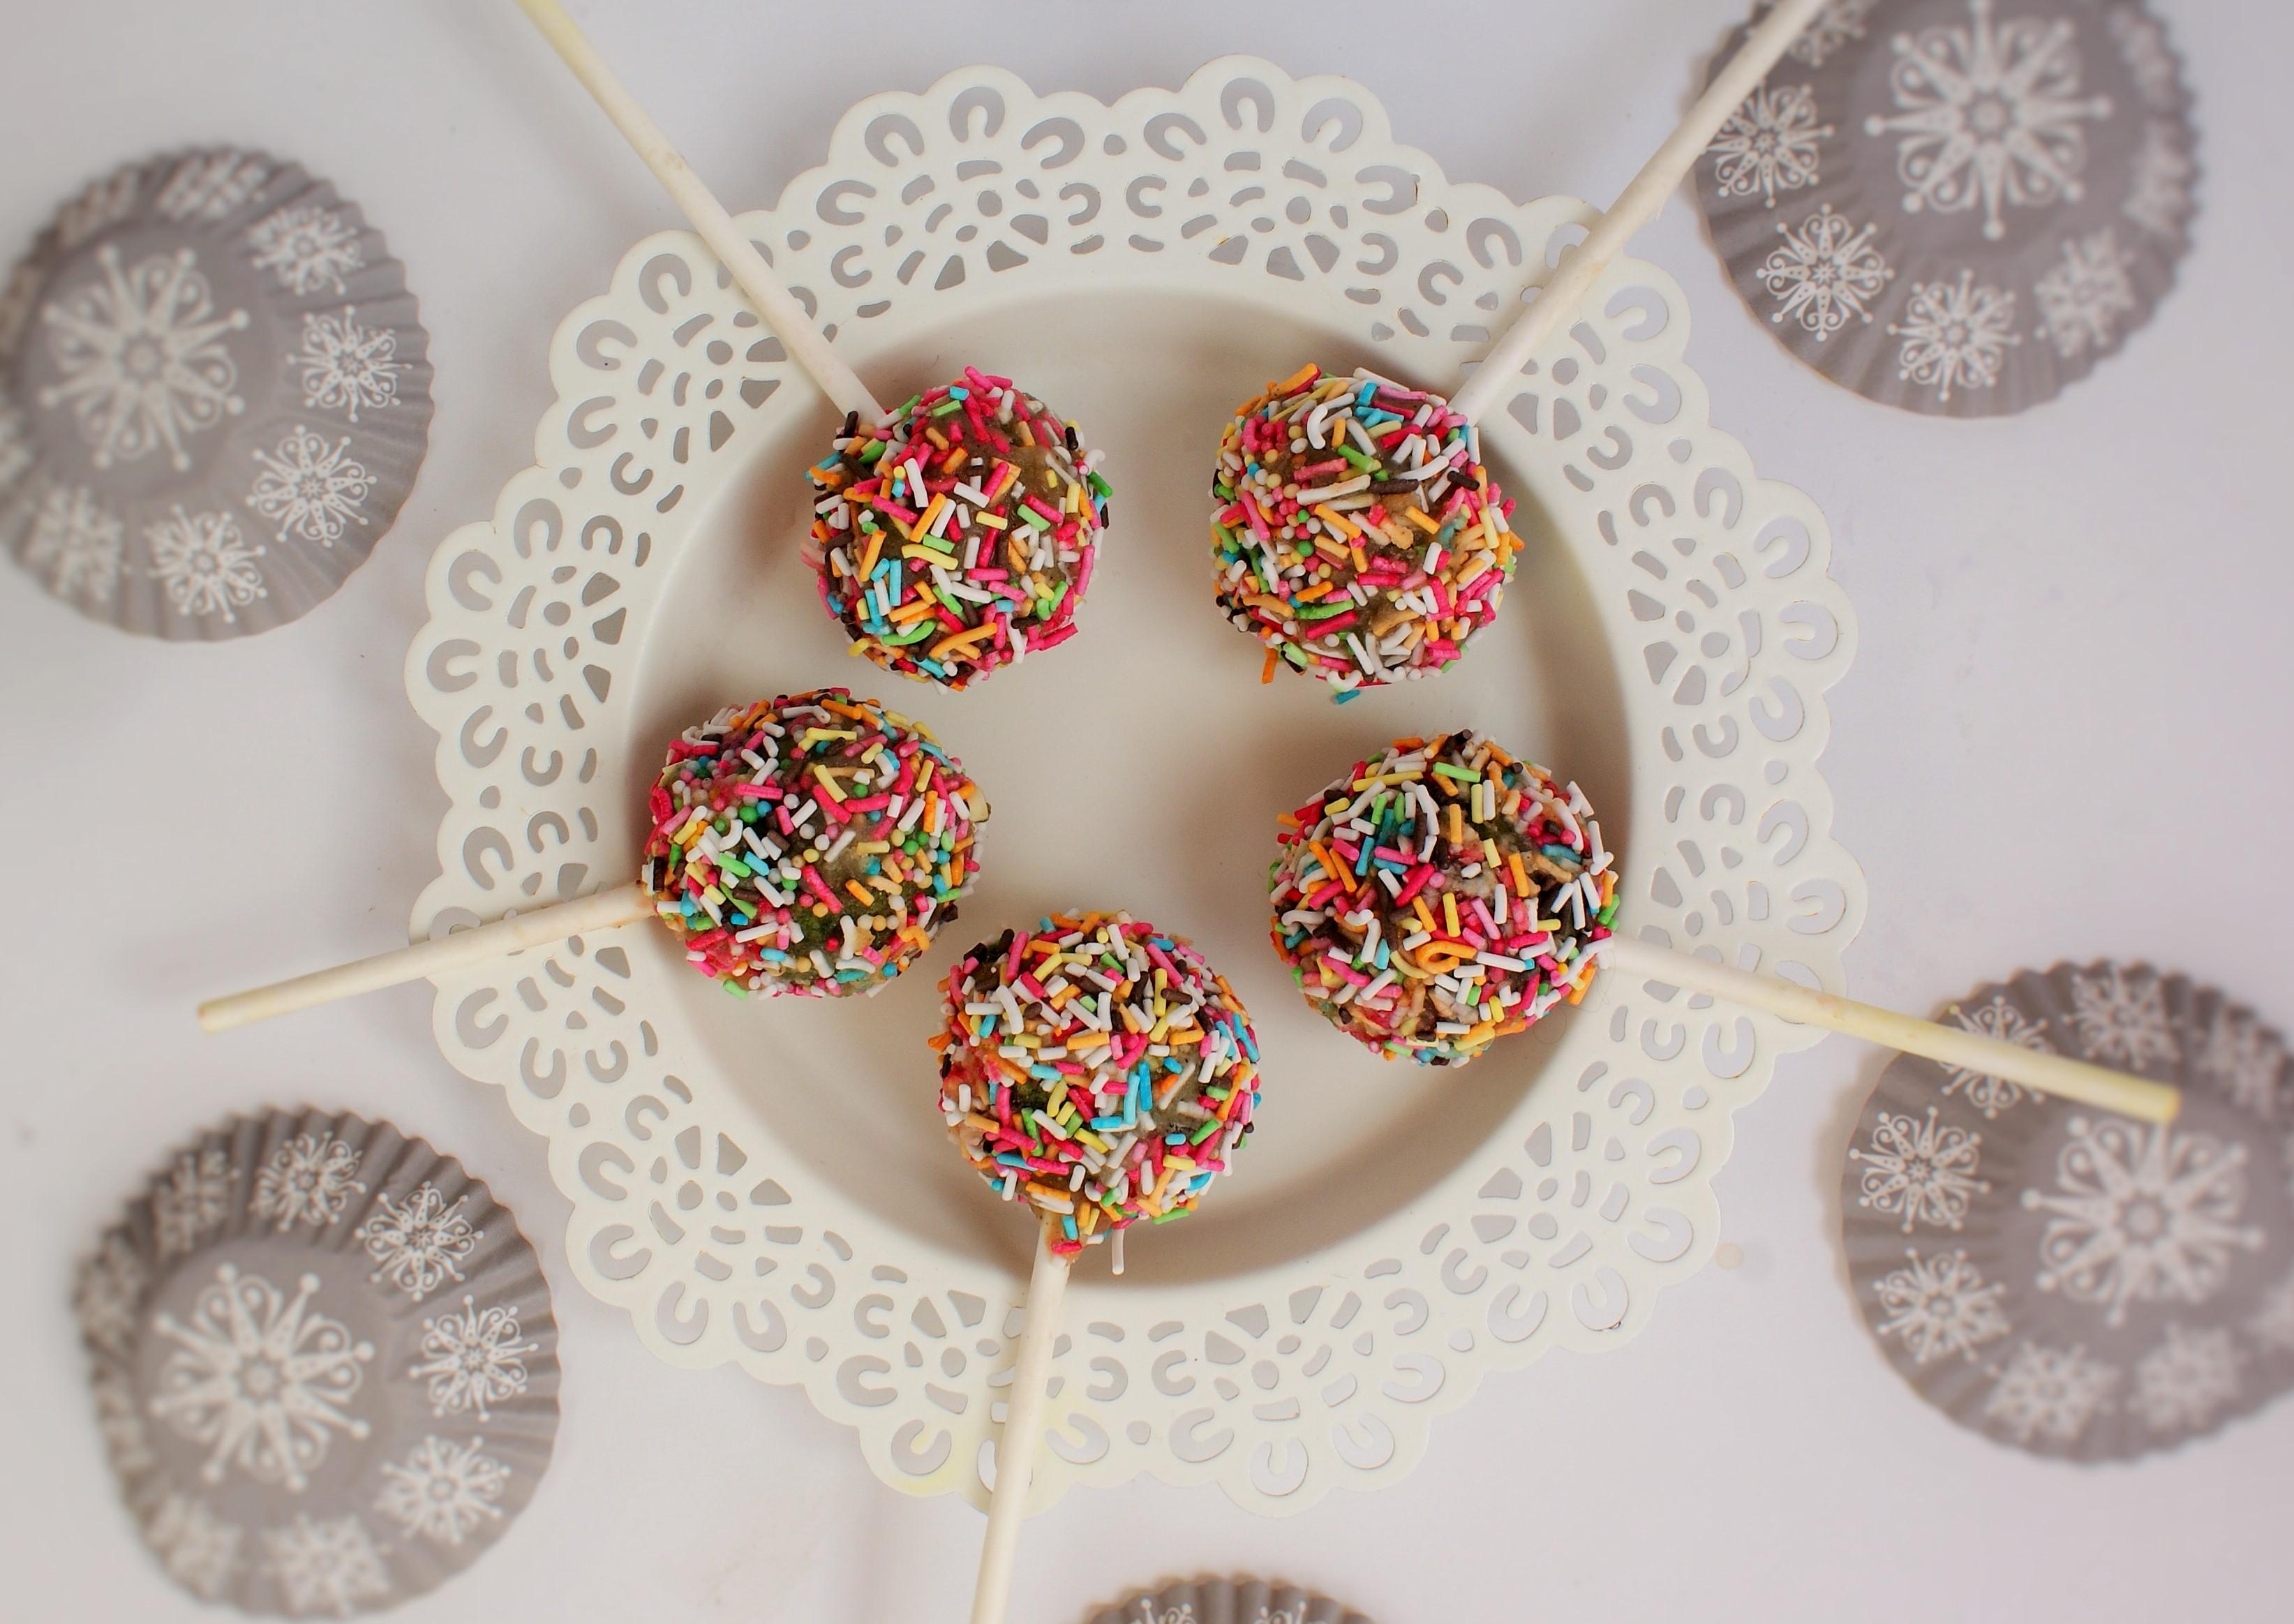 Cake pops czyli ciastka na patykach